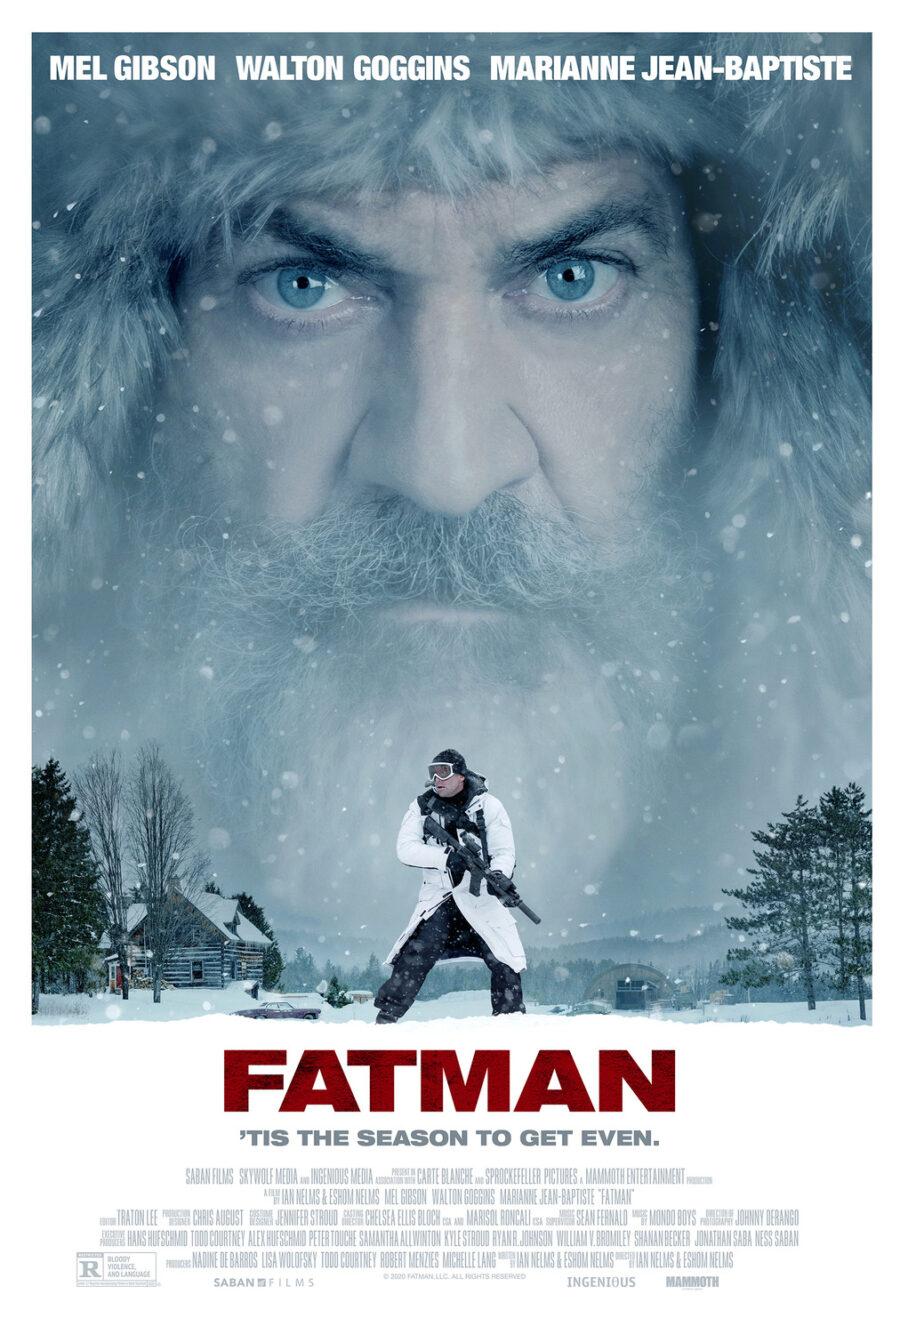 fatman poster